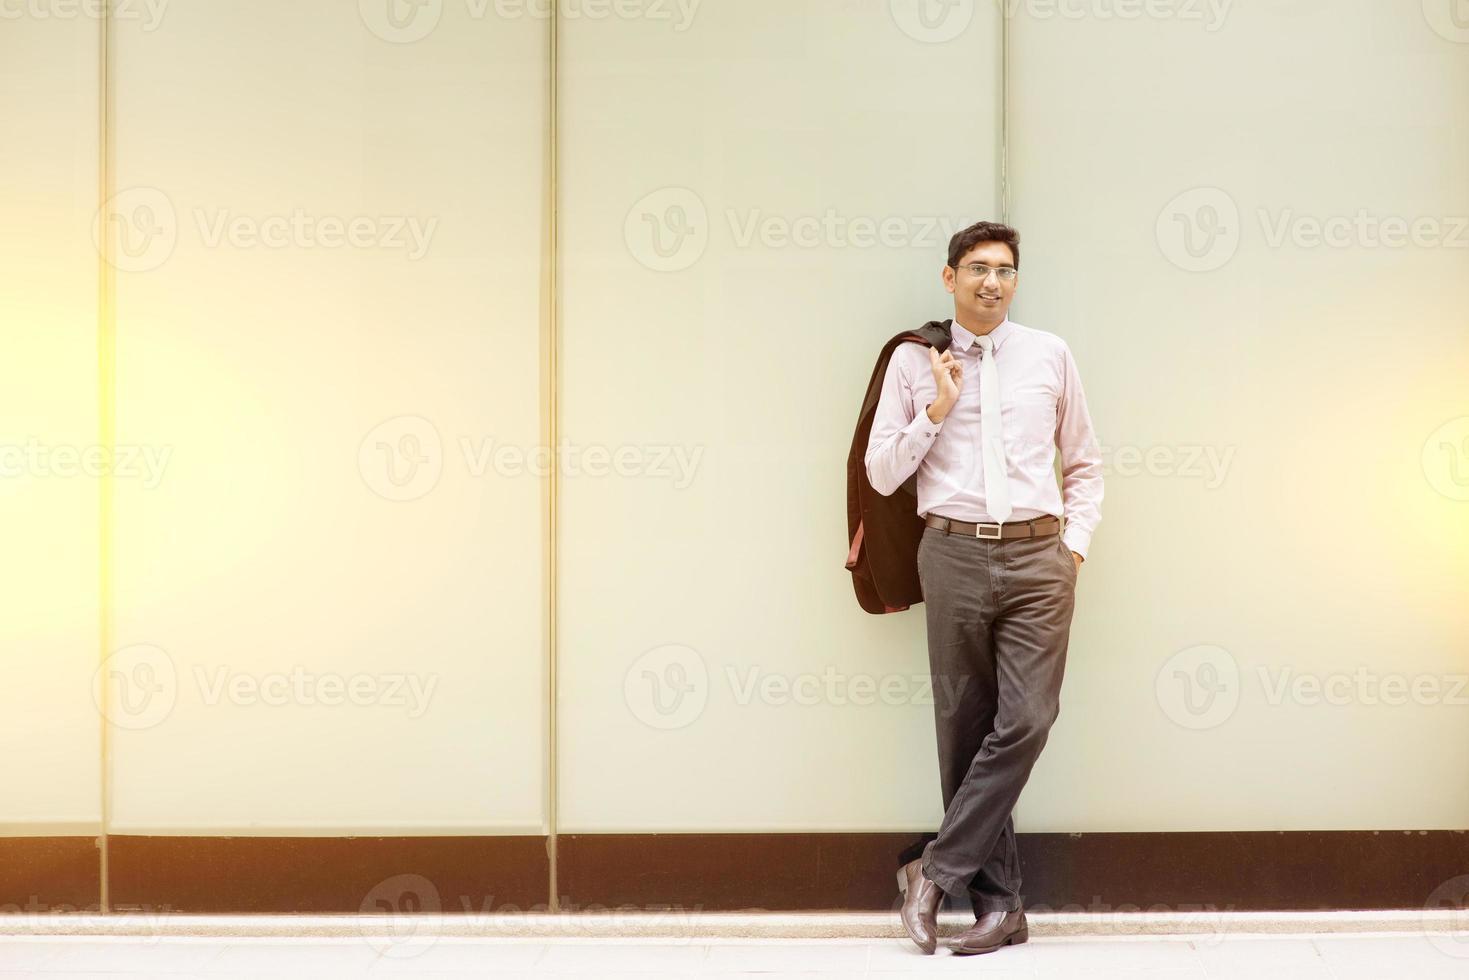 comprimento total de pessoas de negócios indiano asiático foto